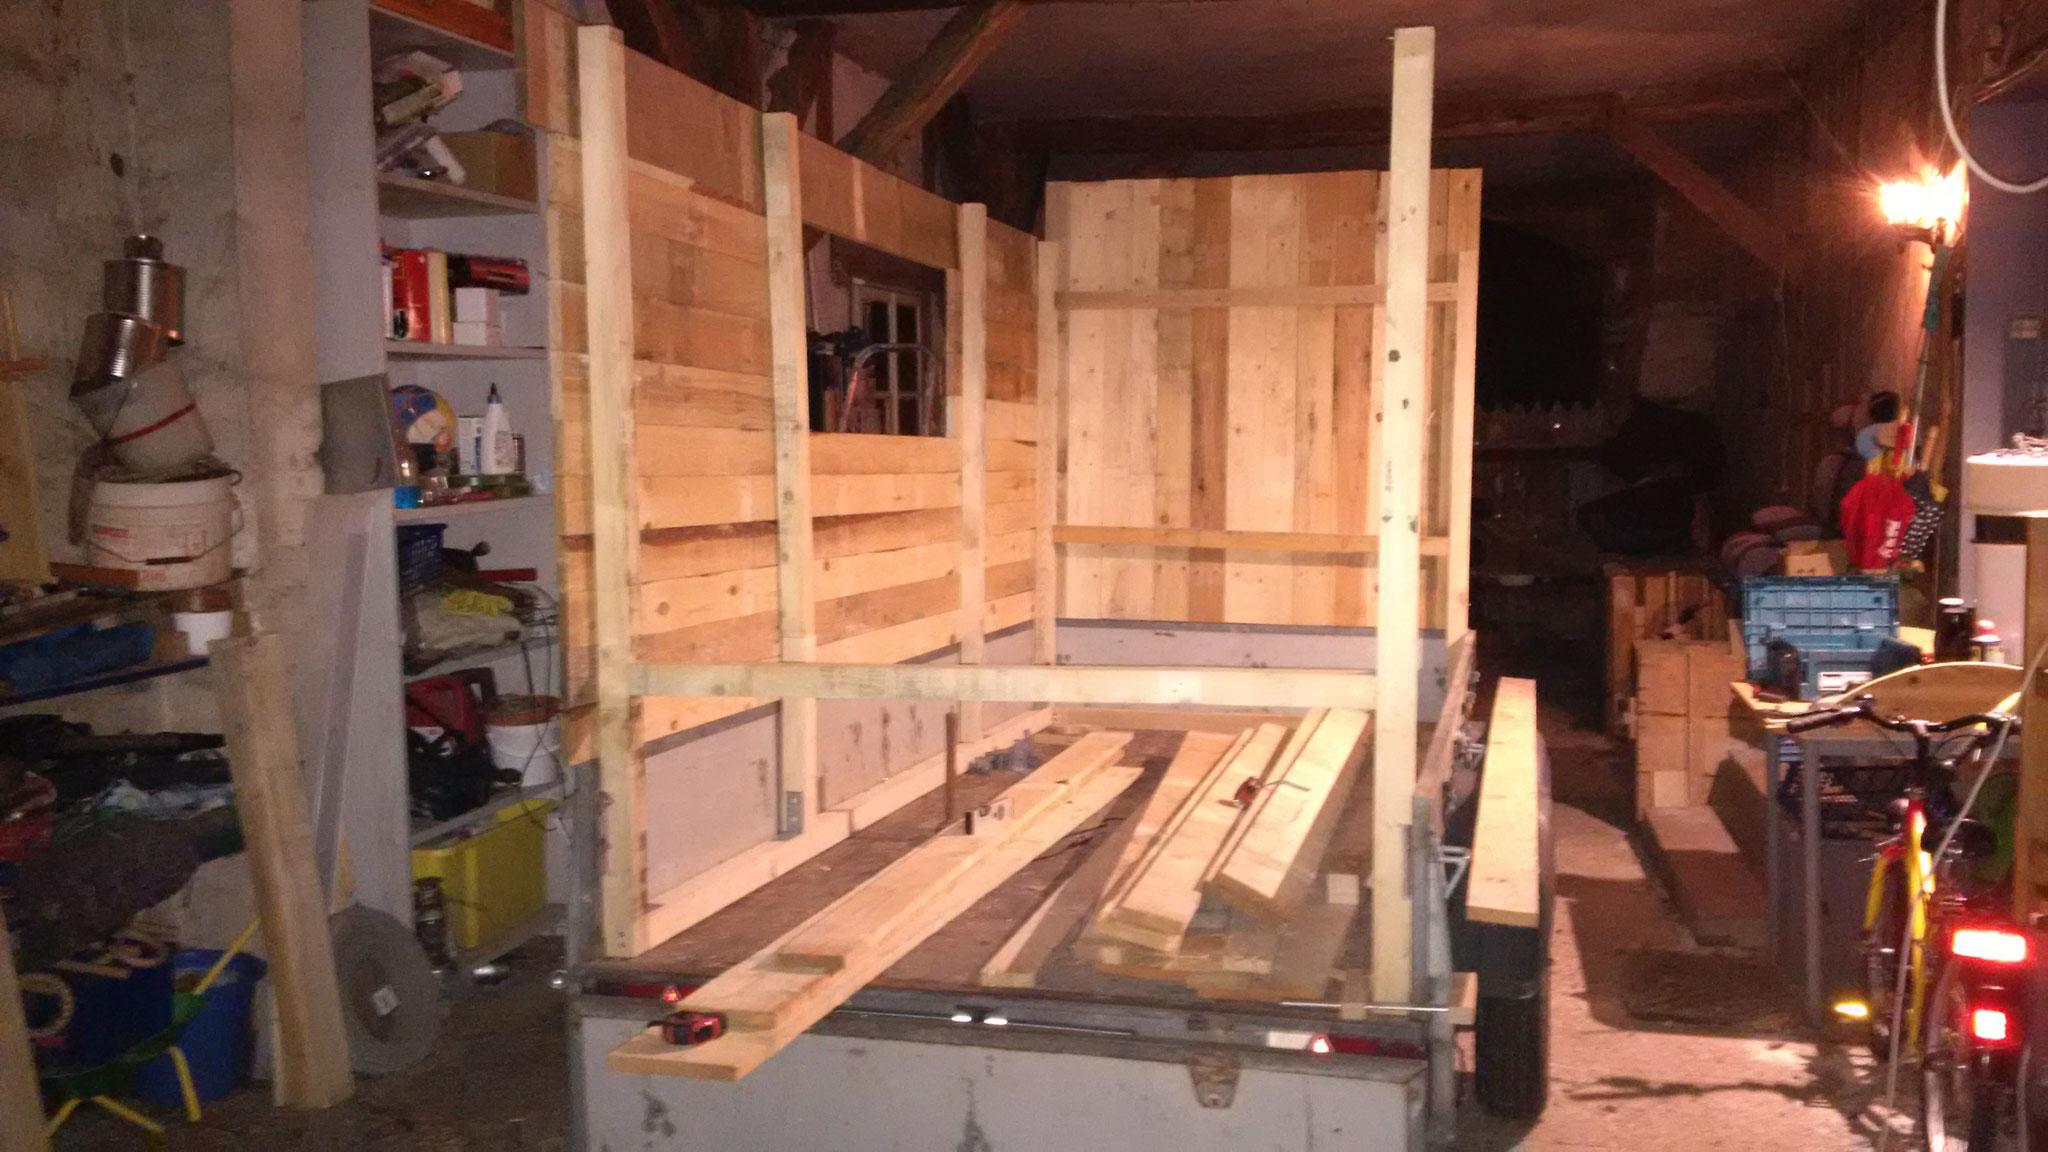 Palettenholz ist die günstigste Möglichkeit, um sich etwas bauen zu können.